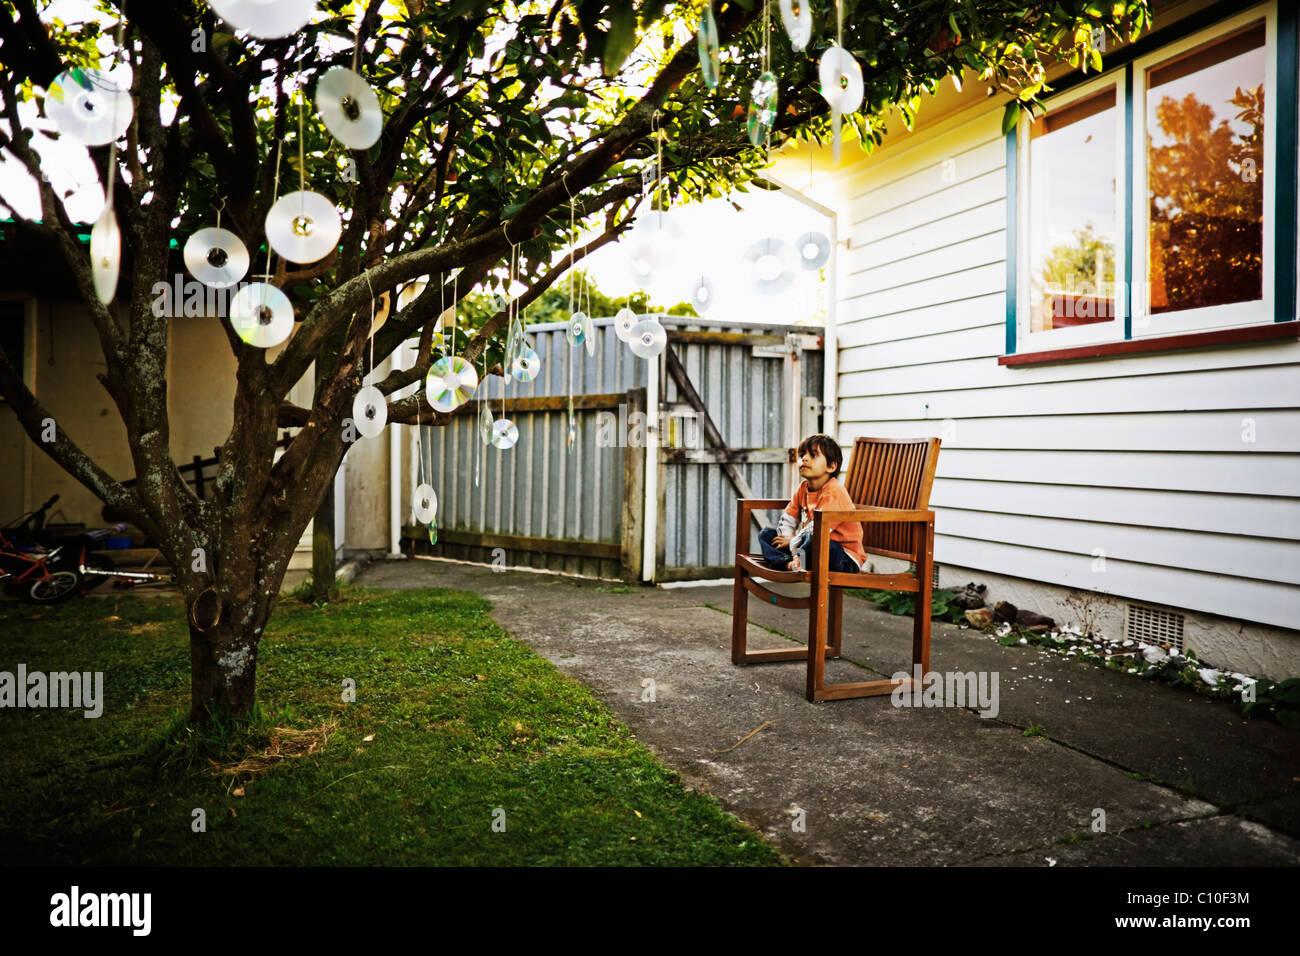 Sieben Jahre alter Junge Uhren Vogel-Nageltiereverscheucher Scheiben von Obstbaum hing Stockbild